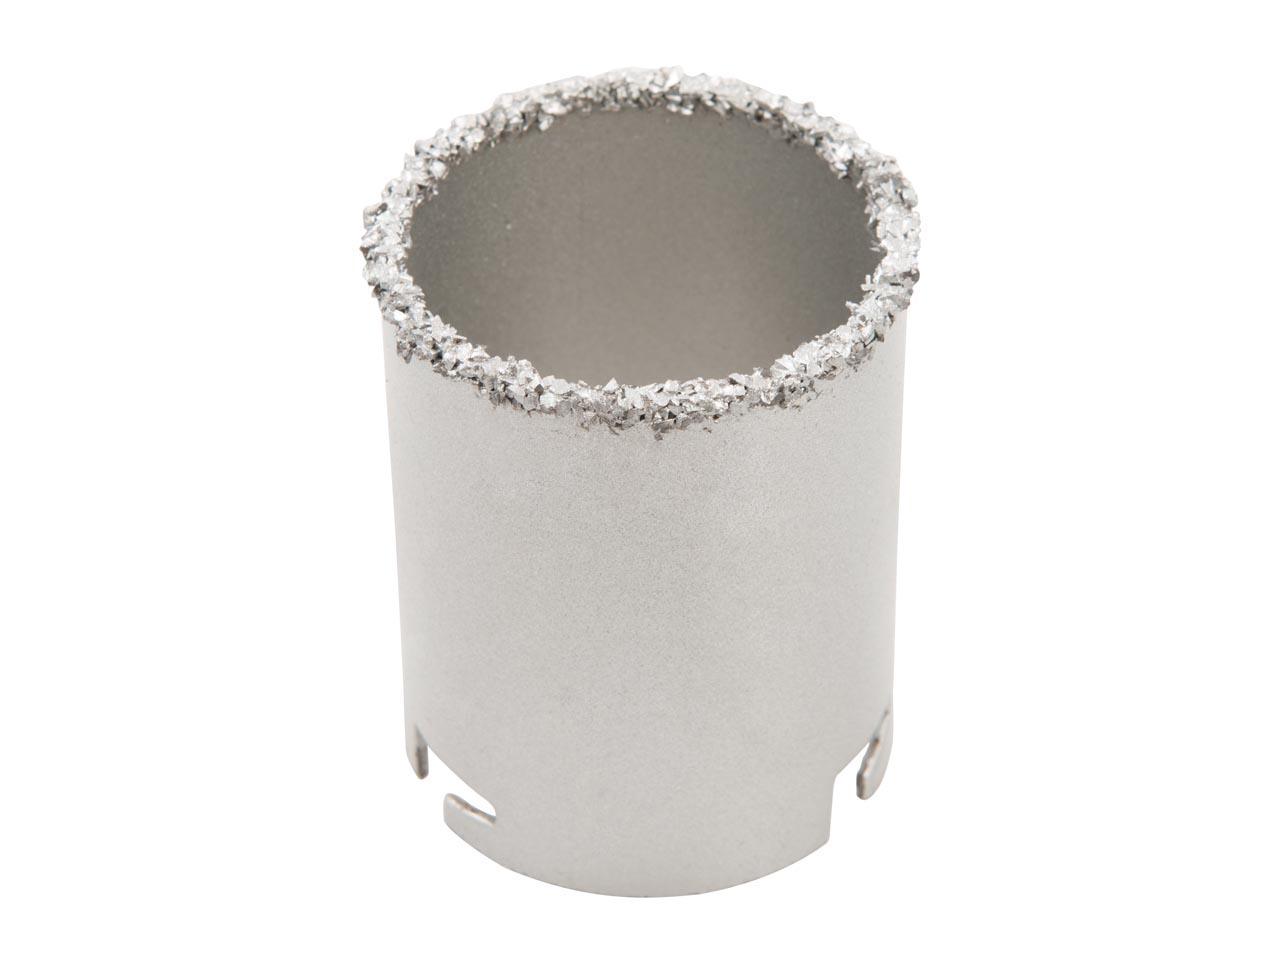 53 43 Tungsten Carbide Holesaw Arbor 33 73 /& 83 Dia Quality 67 63